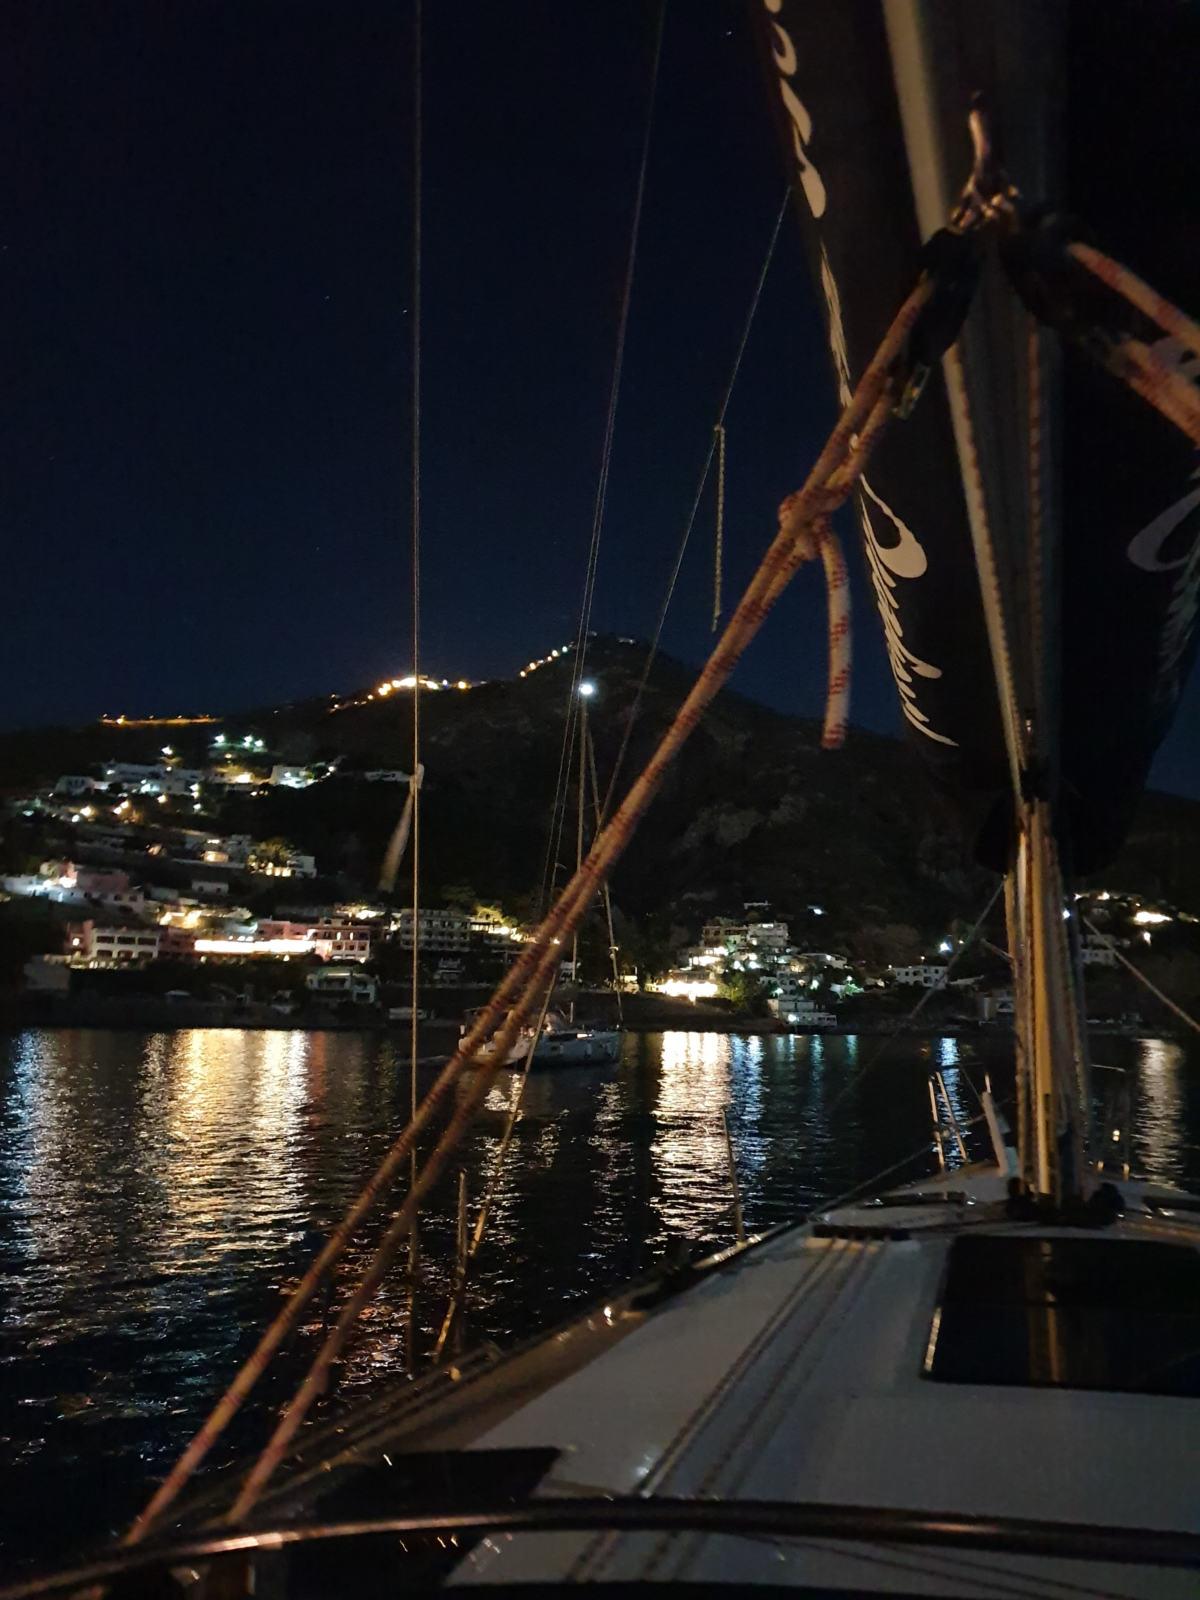 Barca a vela in rada di notte con la luna piena